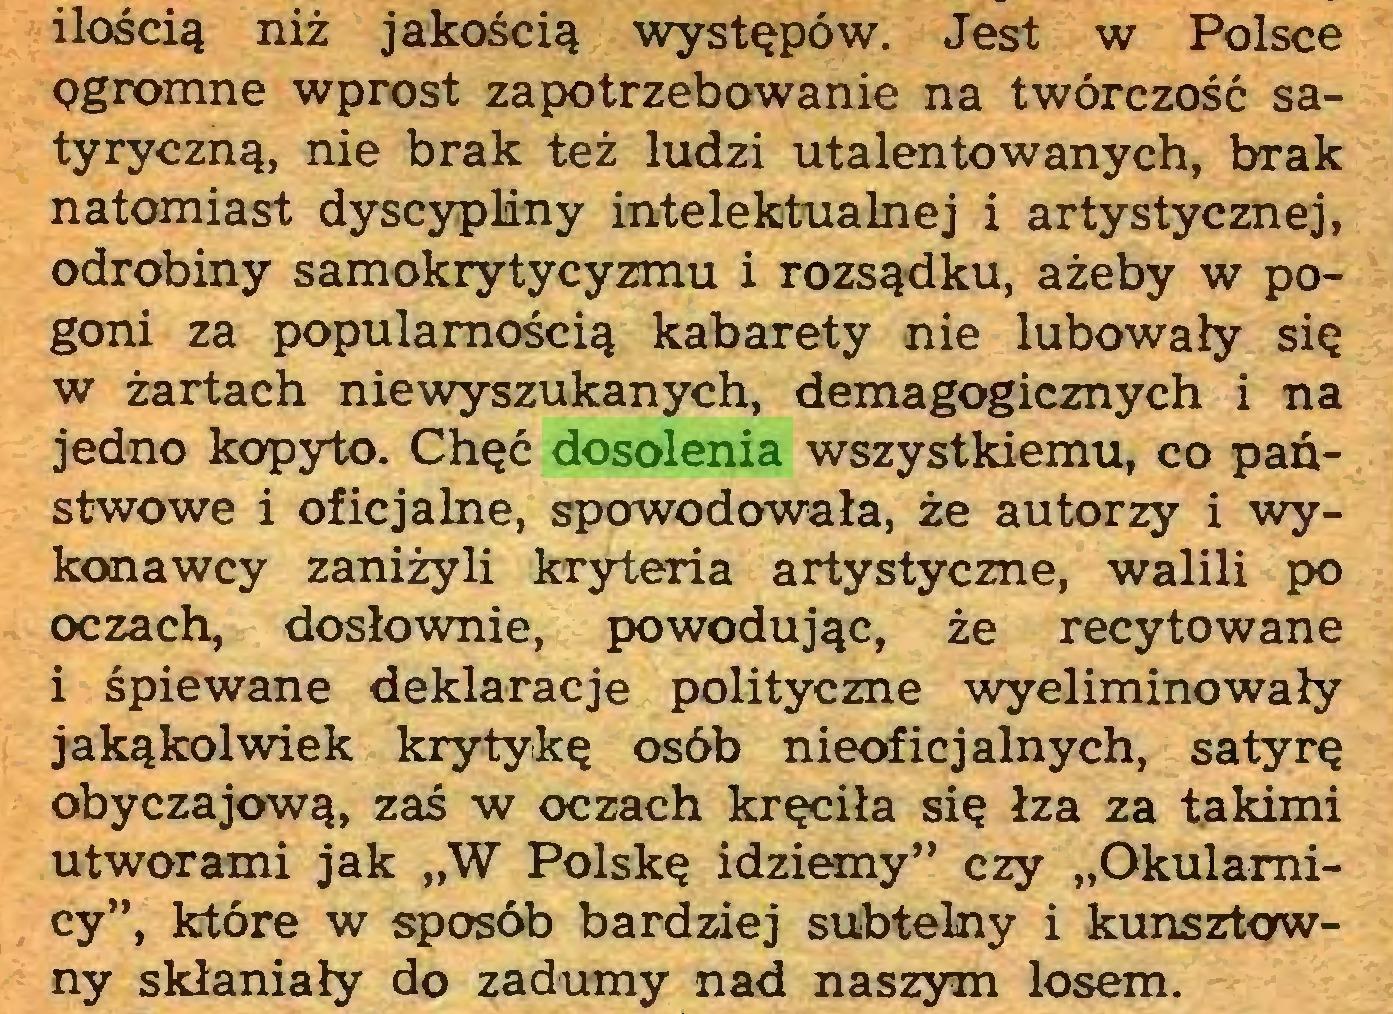 """(...) ilością niż jakością występów. Jest w Polsce ogromne wprost zapotrzebowanie na twórczość satyryczną, nie brak też ludzi utalentowanych, brak natomiast dyscypliny intelektualnej i artystycznej, odrobiny samokrytycyzmu i rozsądku, ażeby w pogoni za popularnością kabarety nie lubowały się w żartach niewyszukanych, demagogicznych i na jedno kopyto. Chęć dosolenia wszystkiemu, co państwowe i oficjalne, spowodowała, że autorzy i wykonawcy zaniżyli kryteria artystyczne, walili po oczach, dosłownie, powodując, że recytowane i śpiewane deklaracje polityczne wyeliminowały jakąkolwiek krytykę osób nieoficjalnych, satyrę obyczajową, zaś w oczach kręciła się łza za takimi utworami jak """"W Polskę idziemy"""" czy """"Okularnicy"""", które w sposób bardziej subtelny i kunsztowny skłaniały do zadumy nad naszym losem..."""